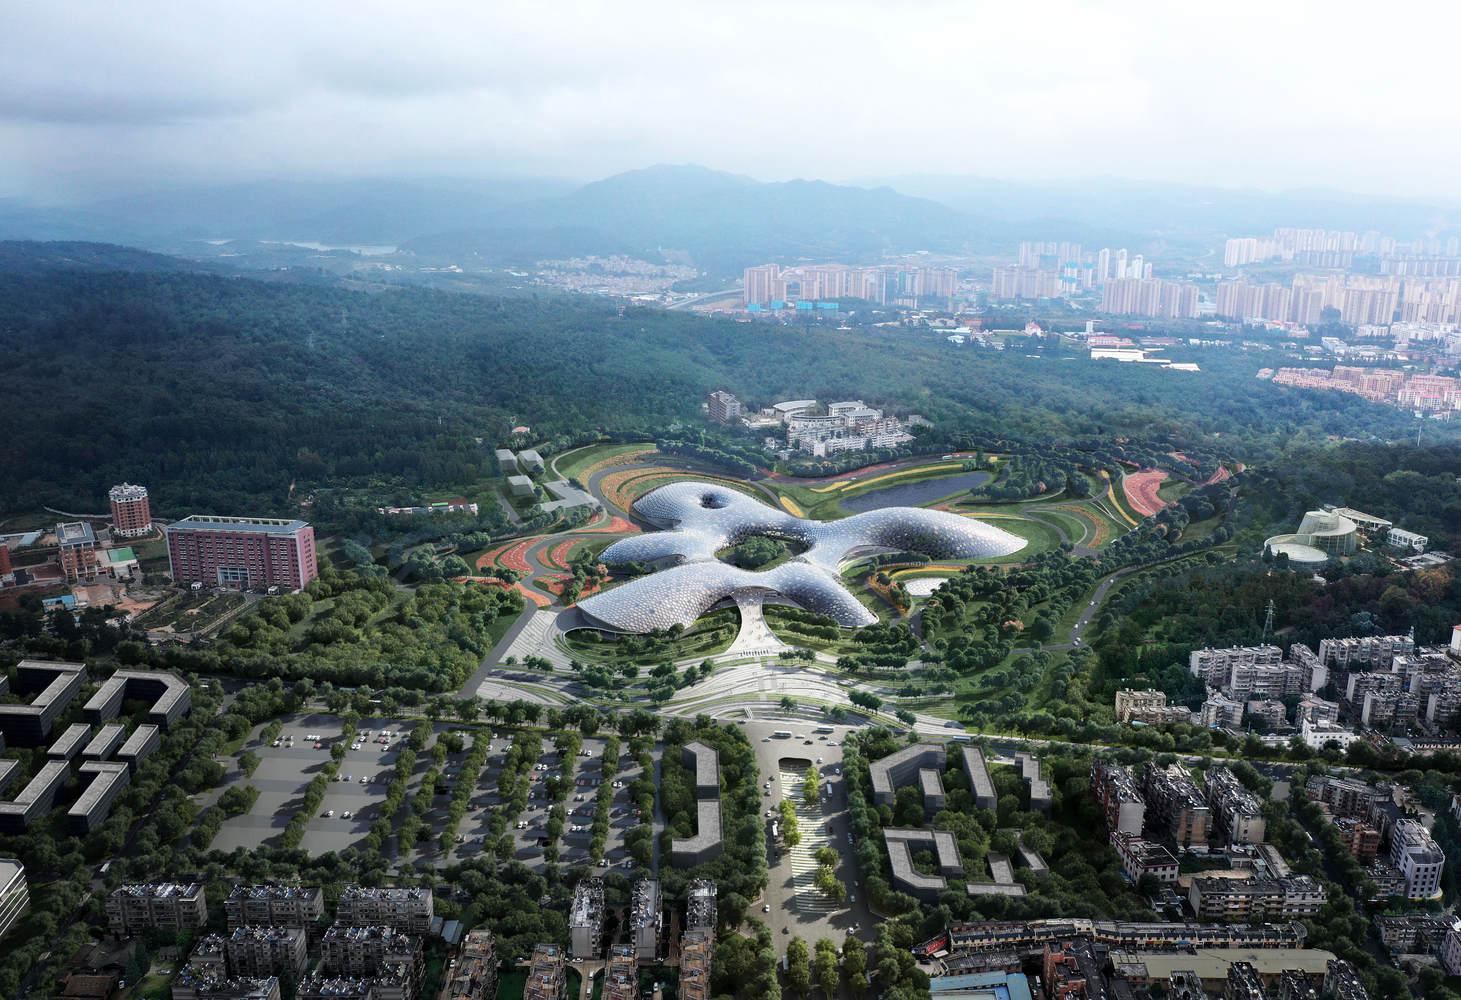 نگاهی به موزه گیاه شناسی ملی Kunming